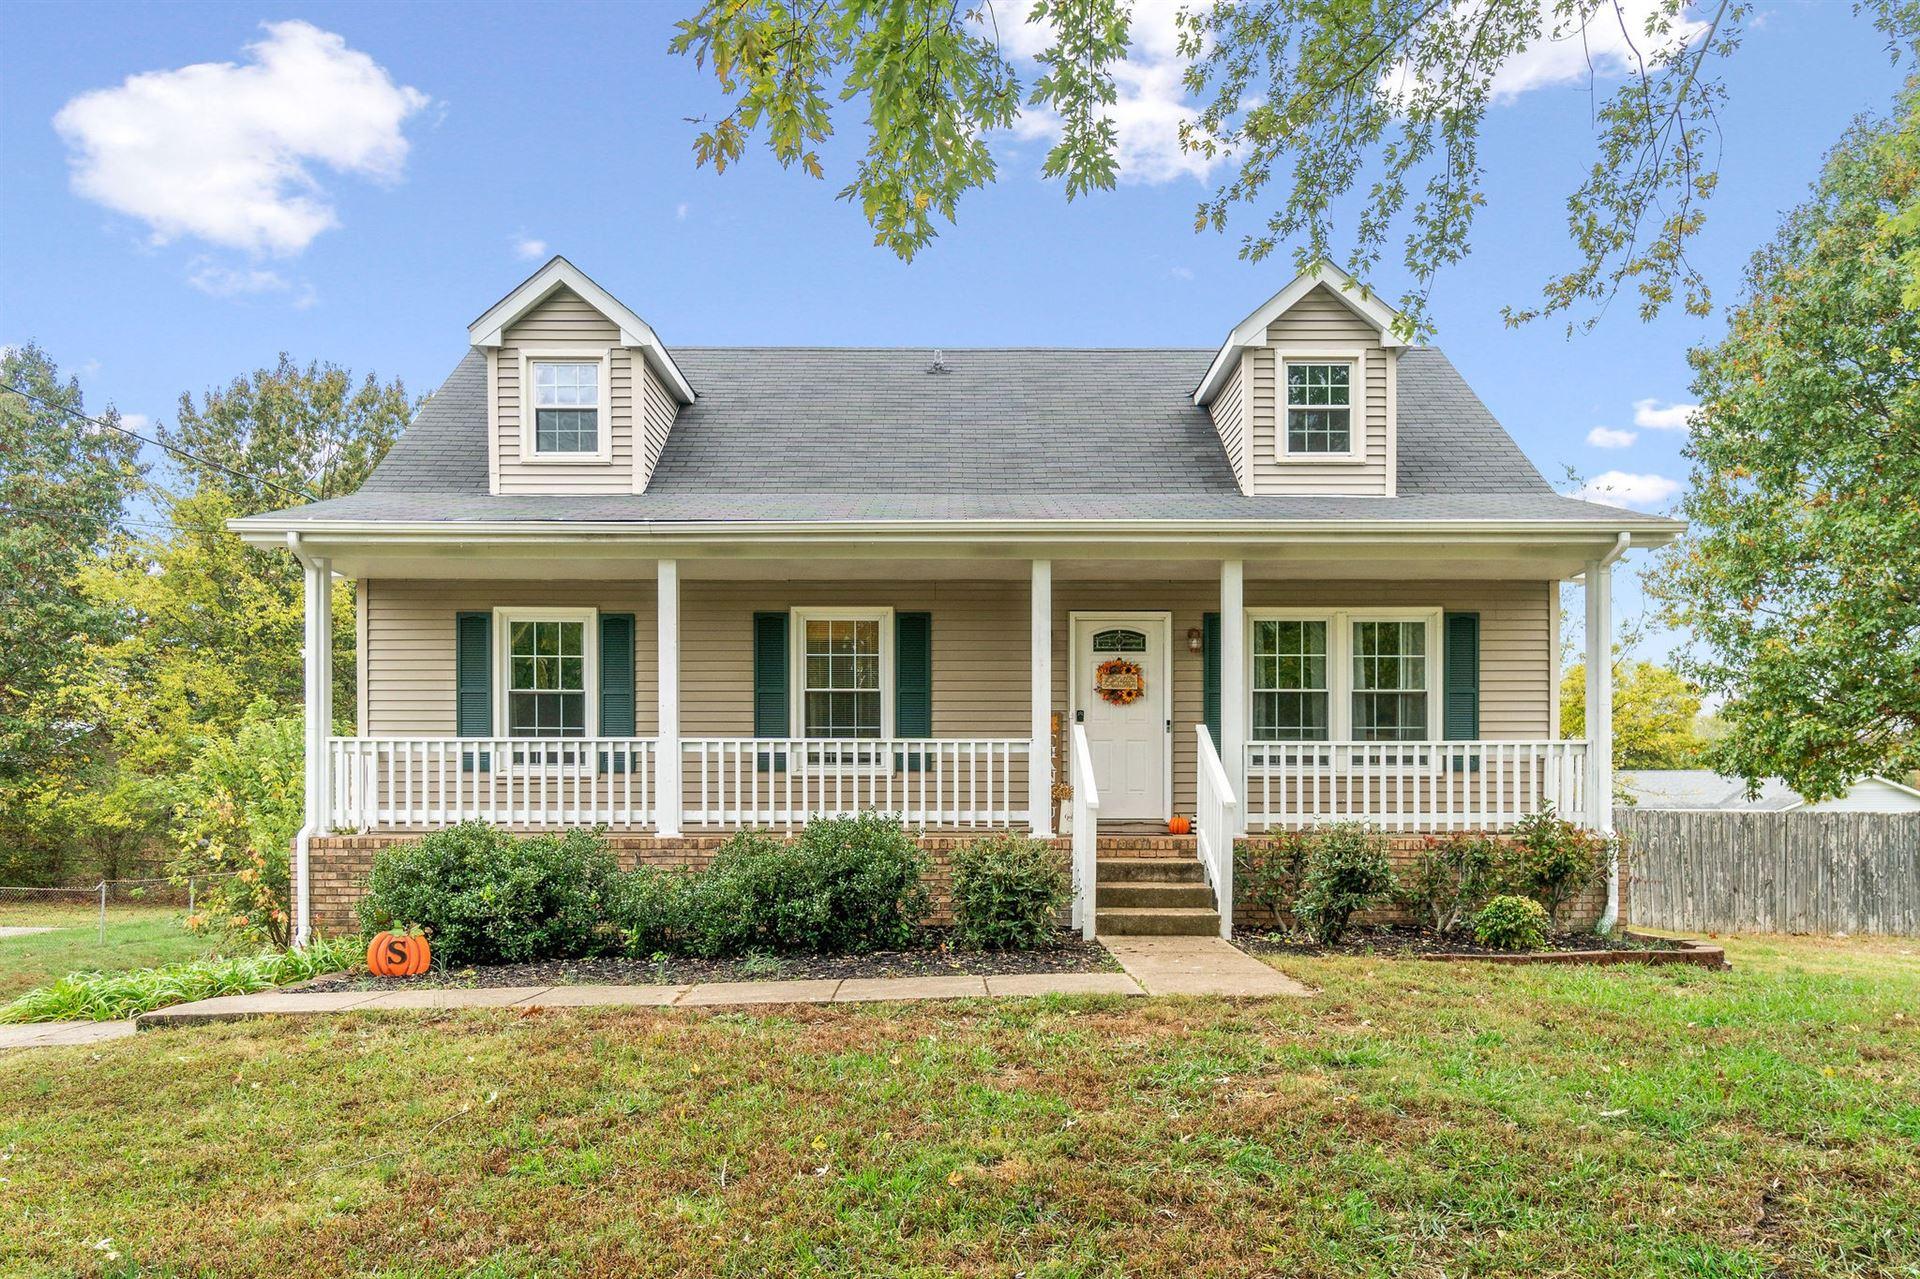 405 Breckinridge Rd, Clarksville, TN 37042 - MLS#: 2202043